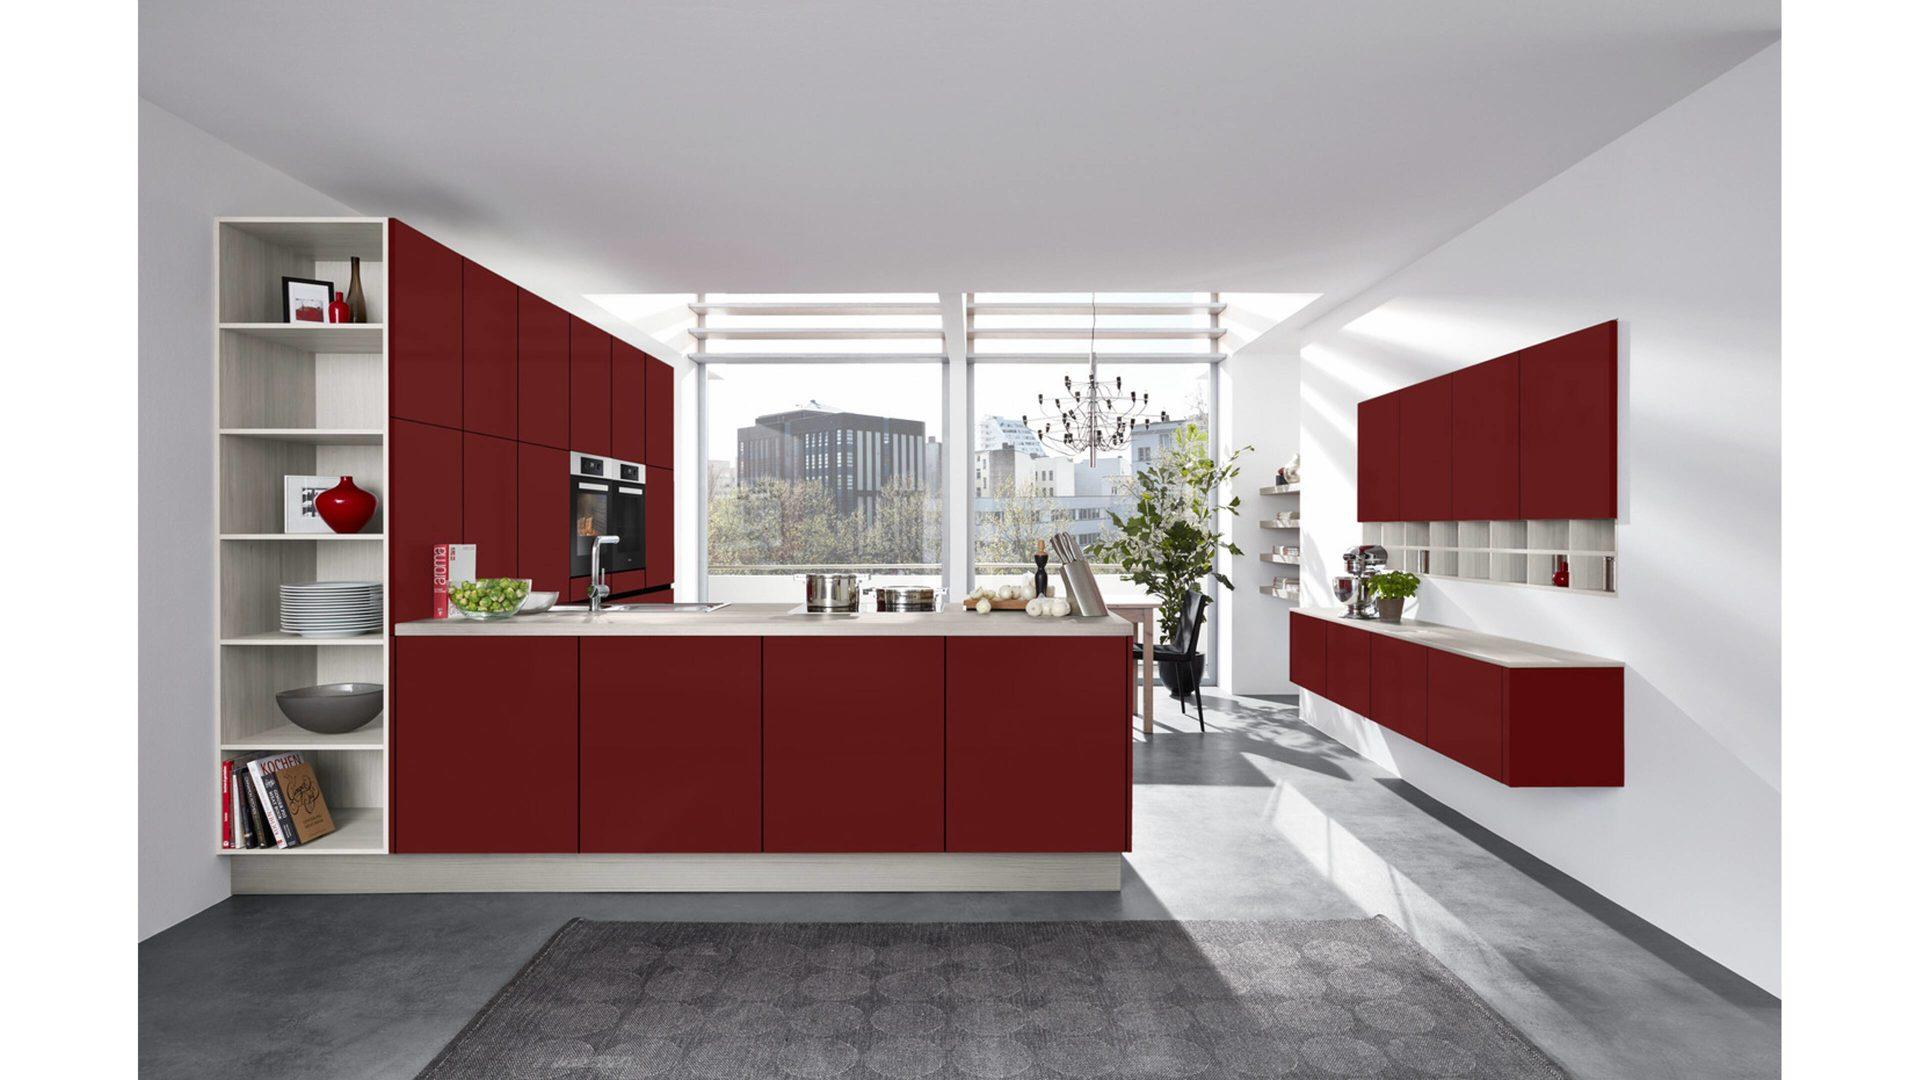 Möbel Steffens Küchen einbauküche culineo einbauküche einbauküche systemküche